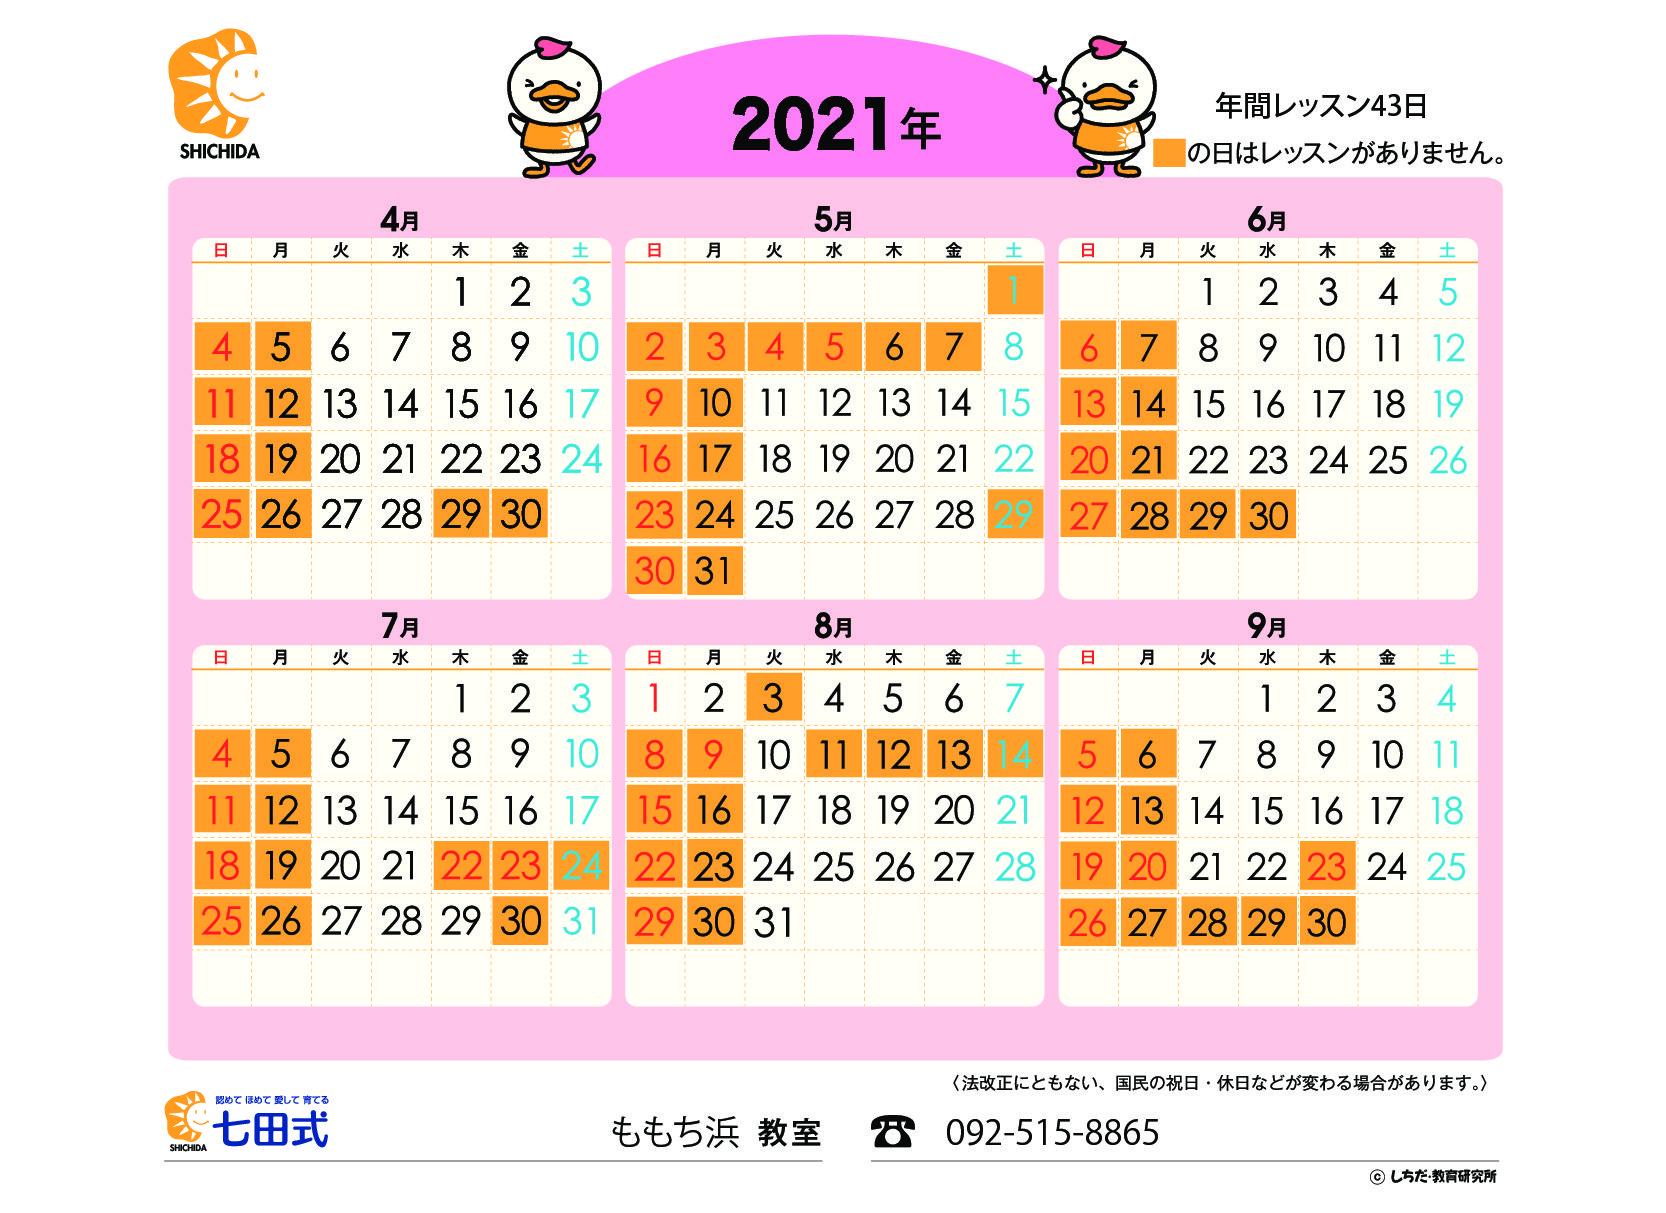 2021年上半期_レッスンカレンダー